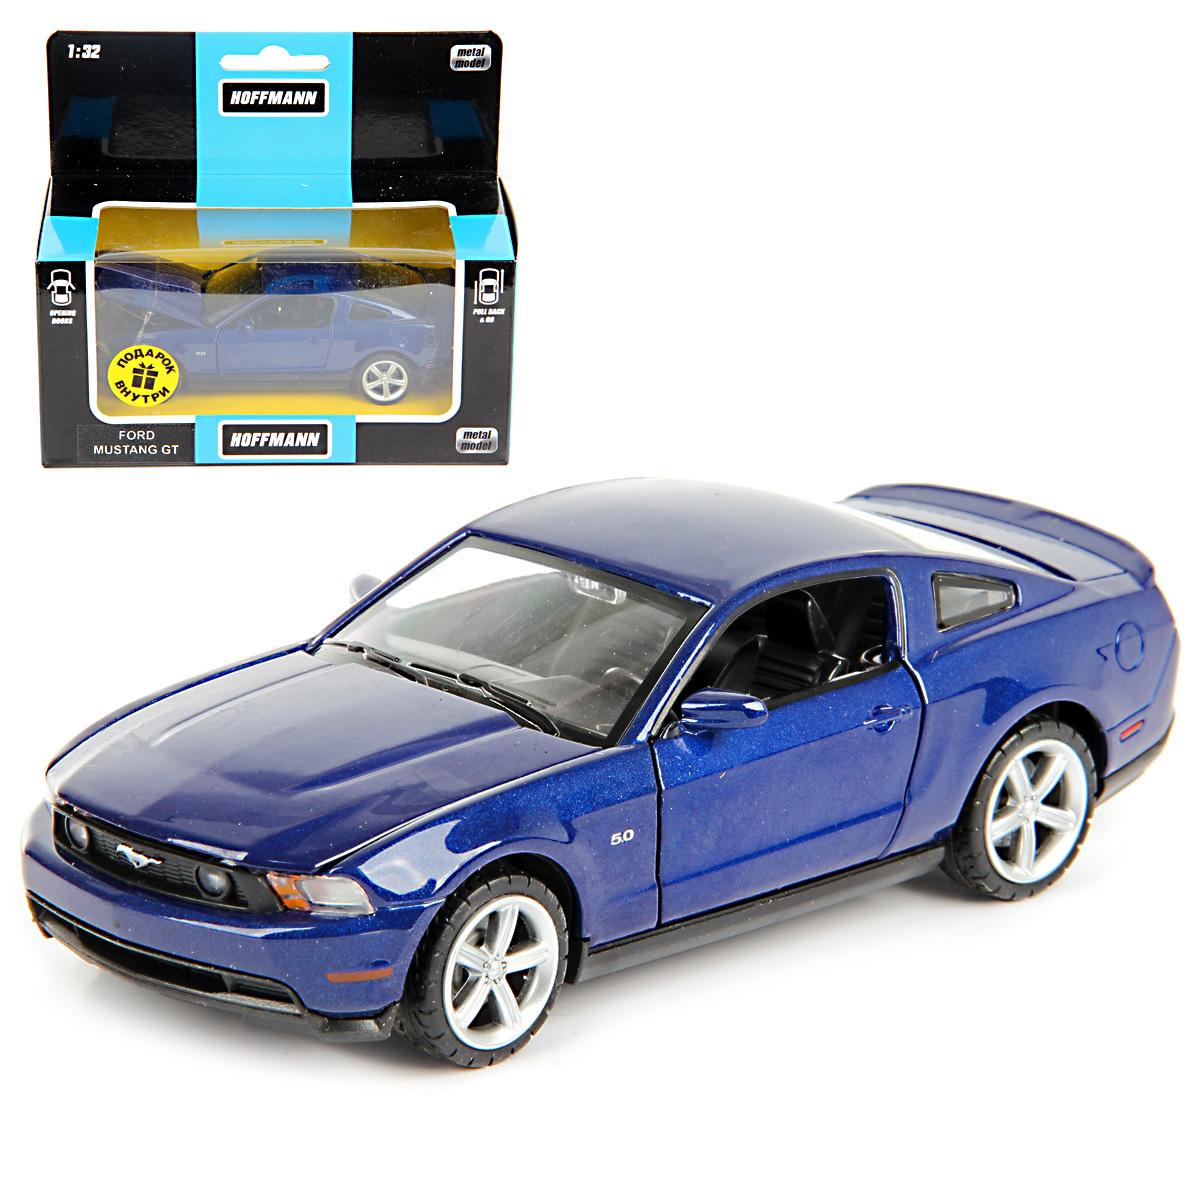 Машина металлическая, Ford Mustang GT, 1:32, HOFFMANN